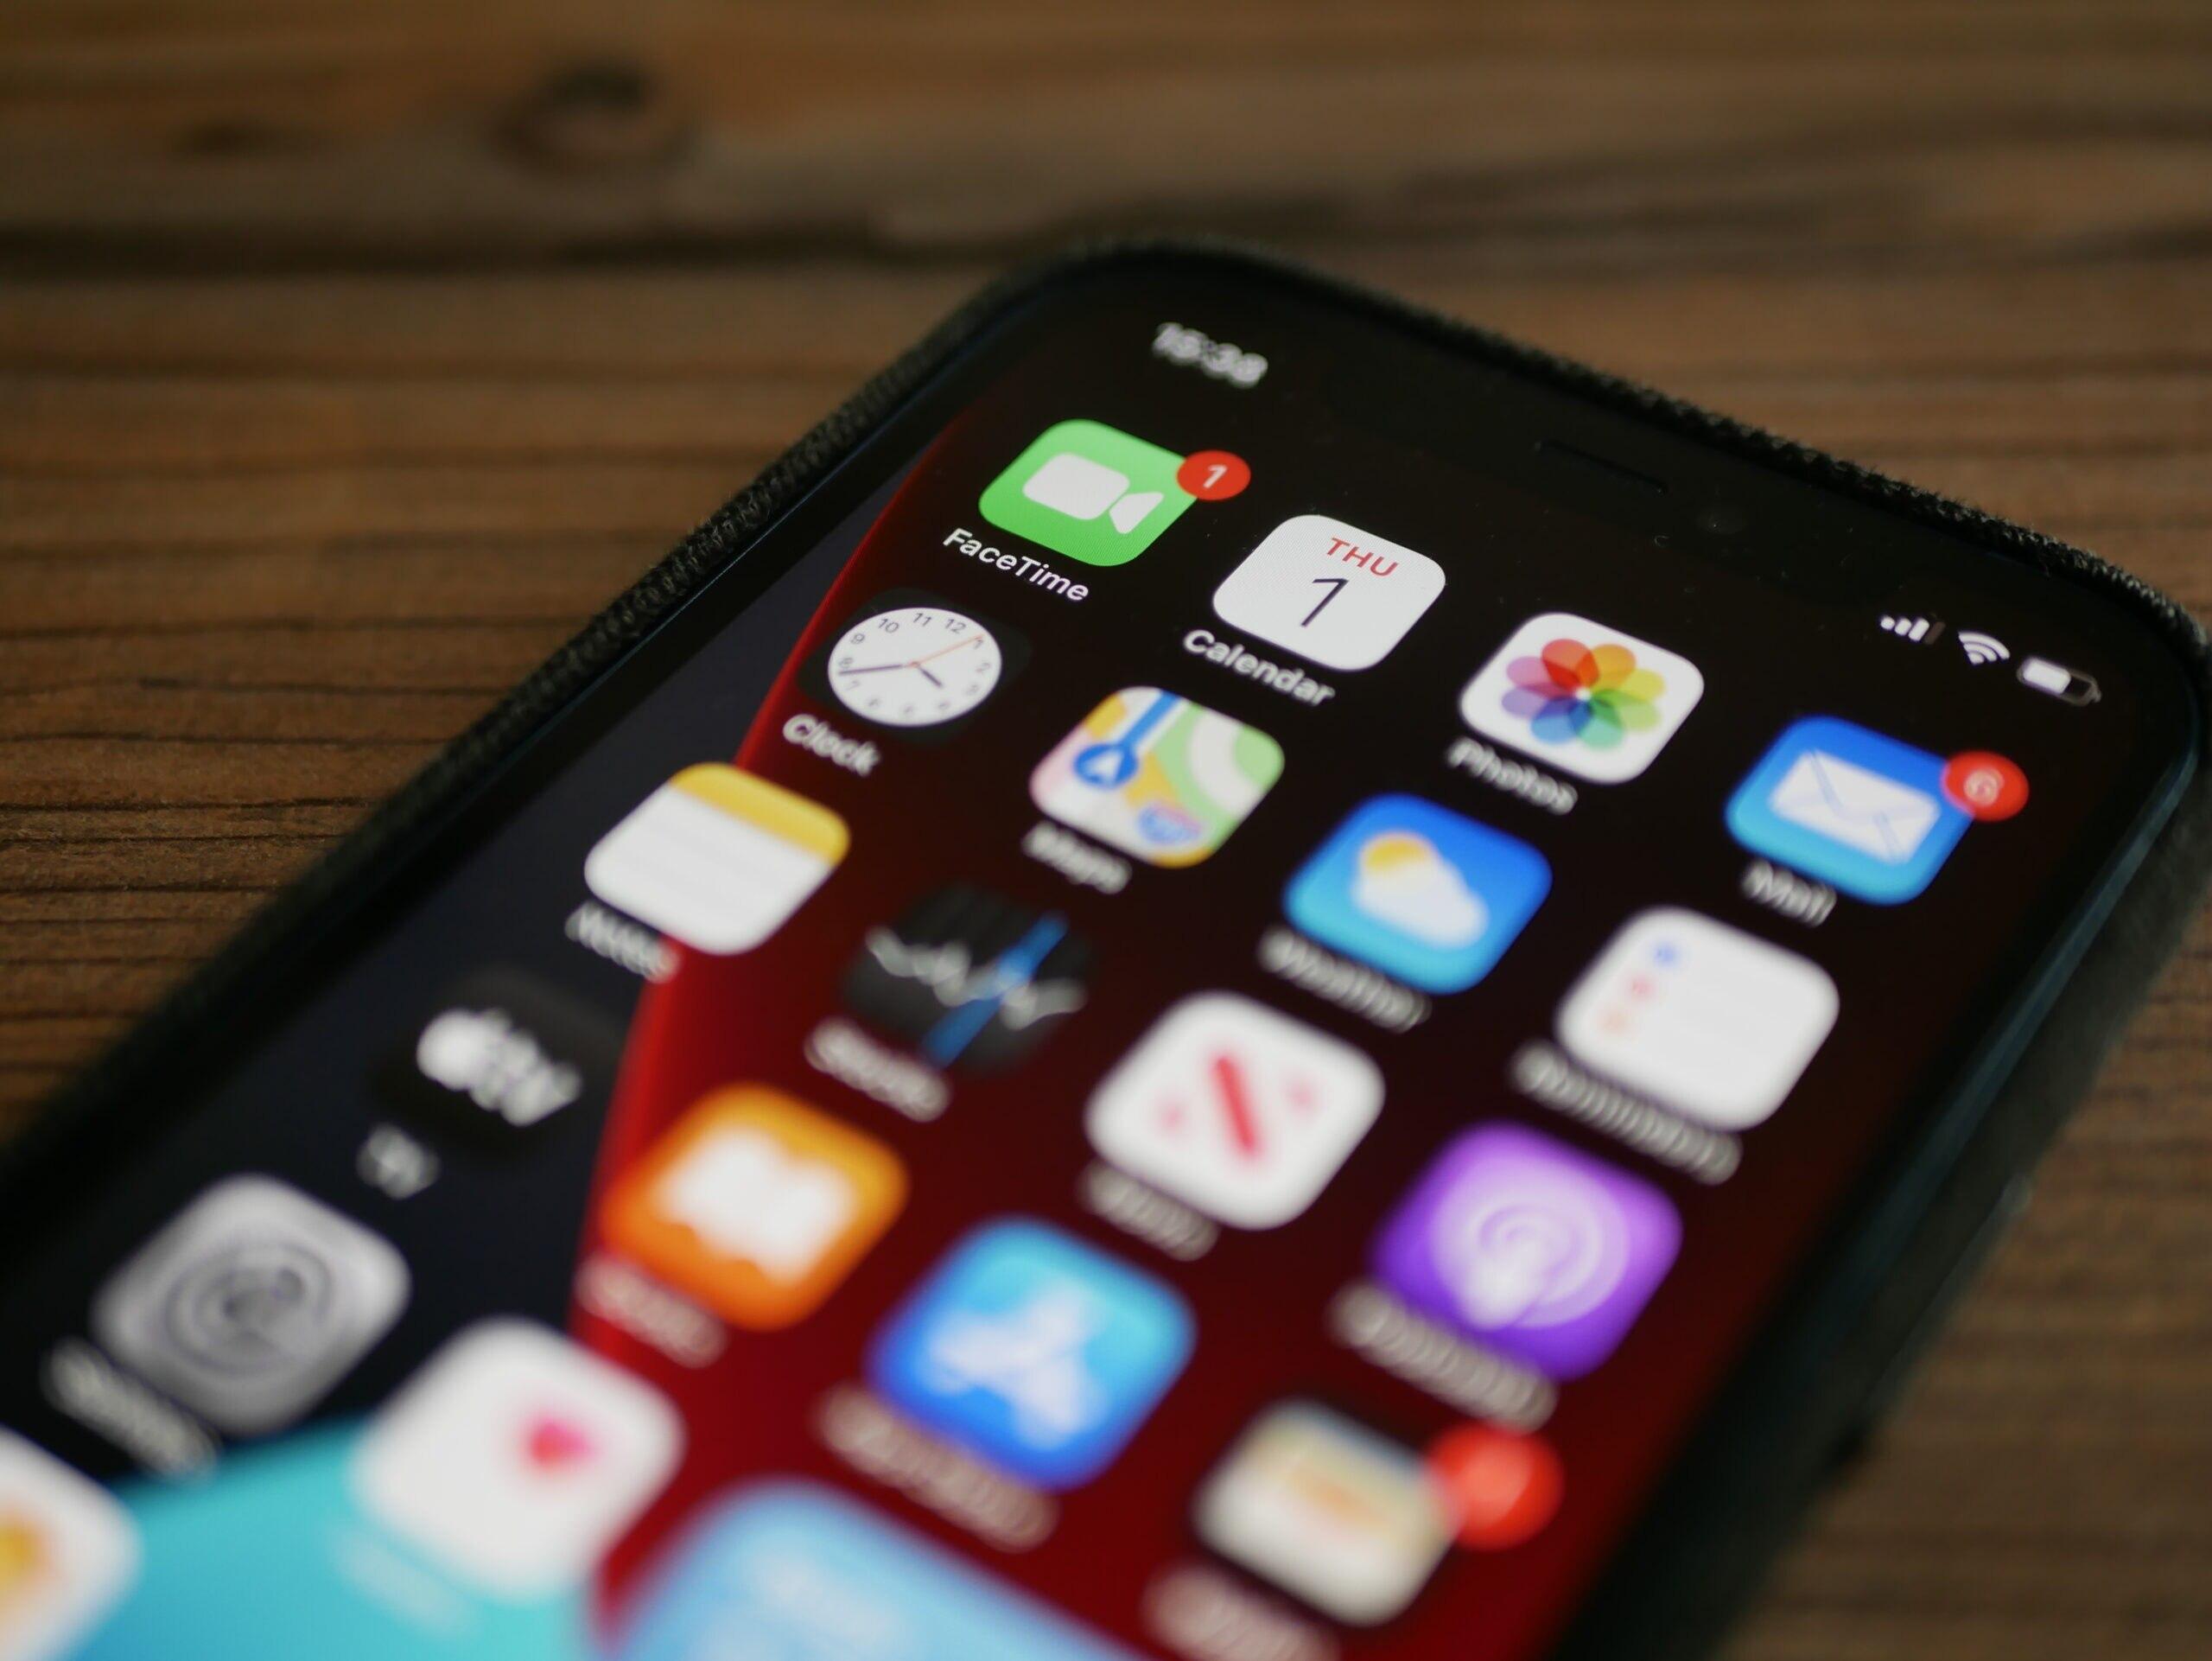 Auf dem iPhone ist eine versteckte Apple-App vorinstalliert - TECHBOOK